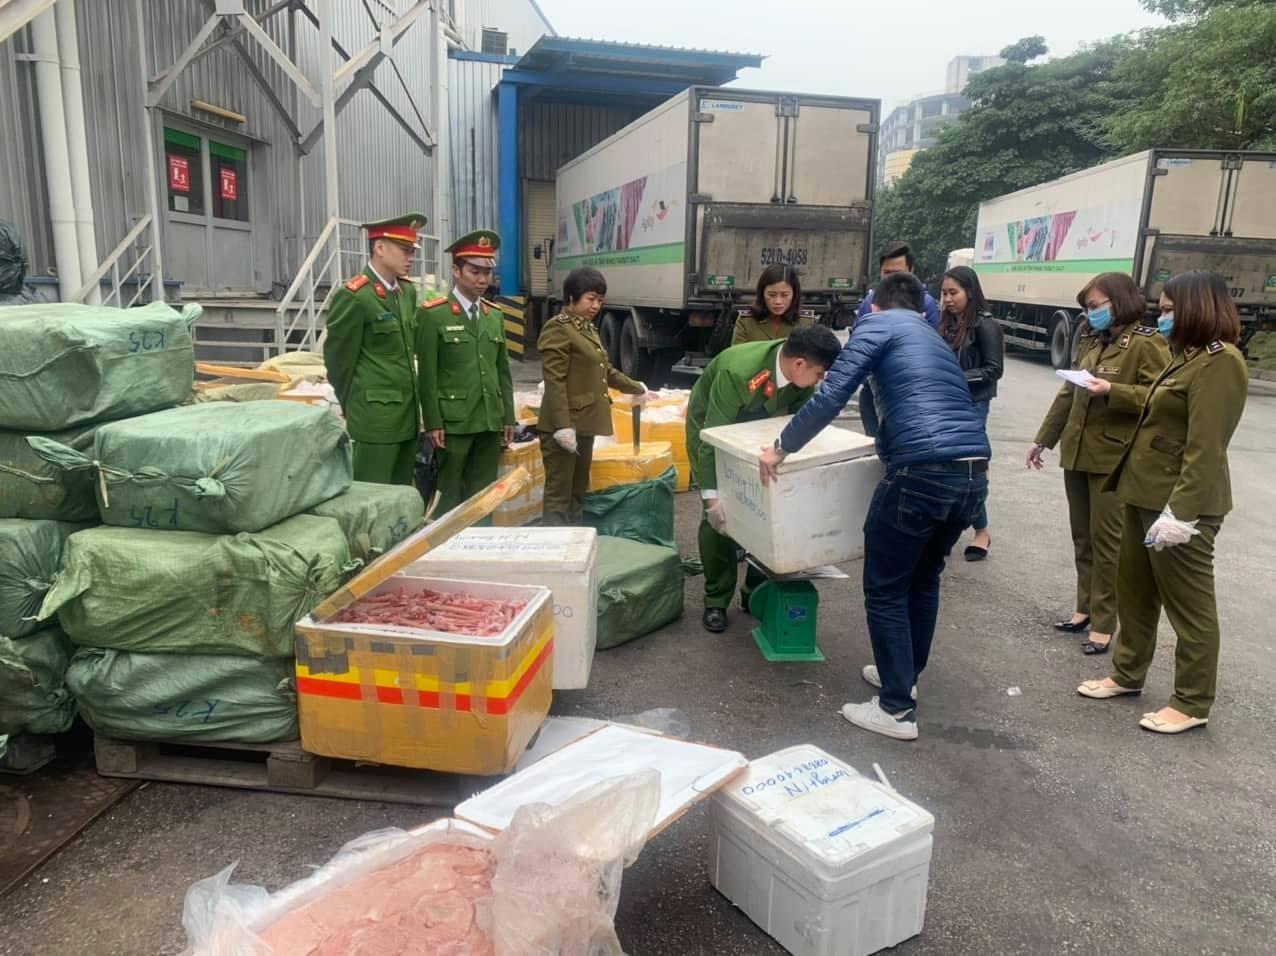 Bắt giữ gần 5 tấn lưỡi vịt, nầm lợn bốc mùi tại siêu thị ở Hà Nội - Ảnh 1